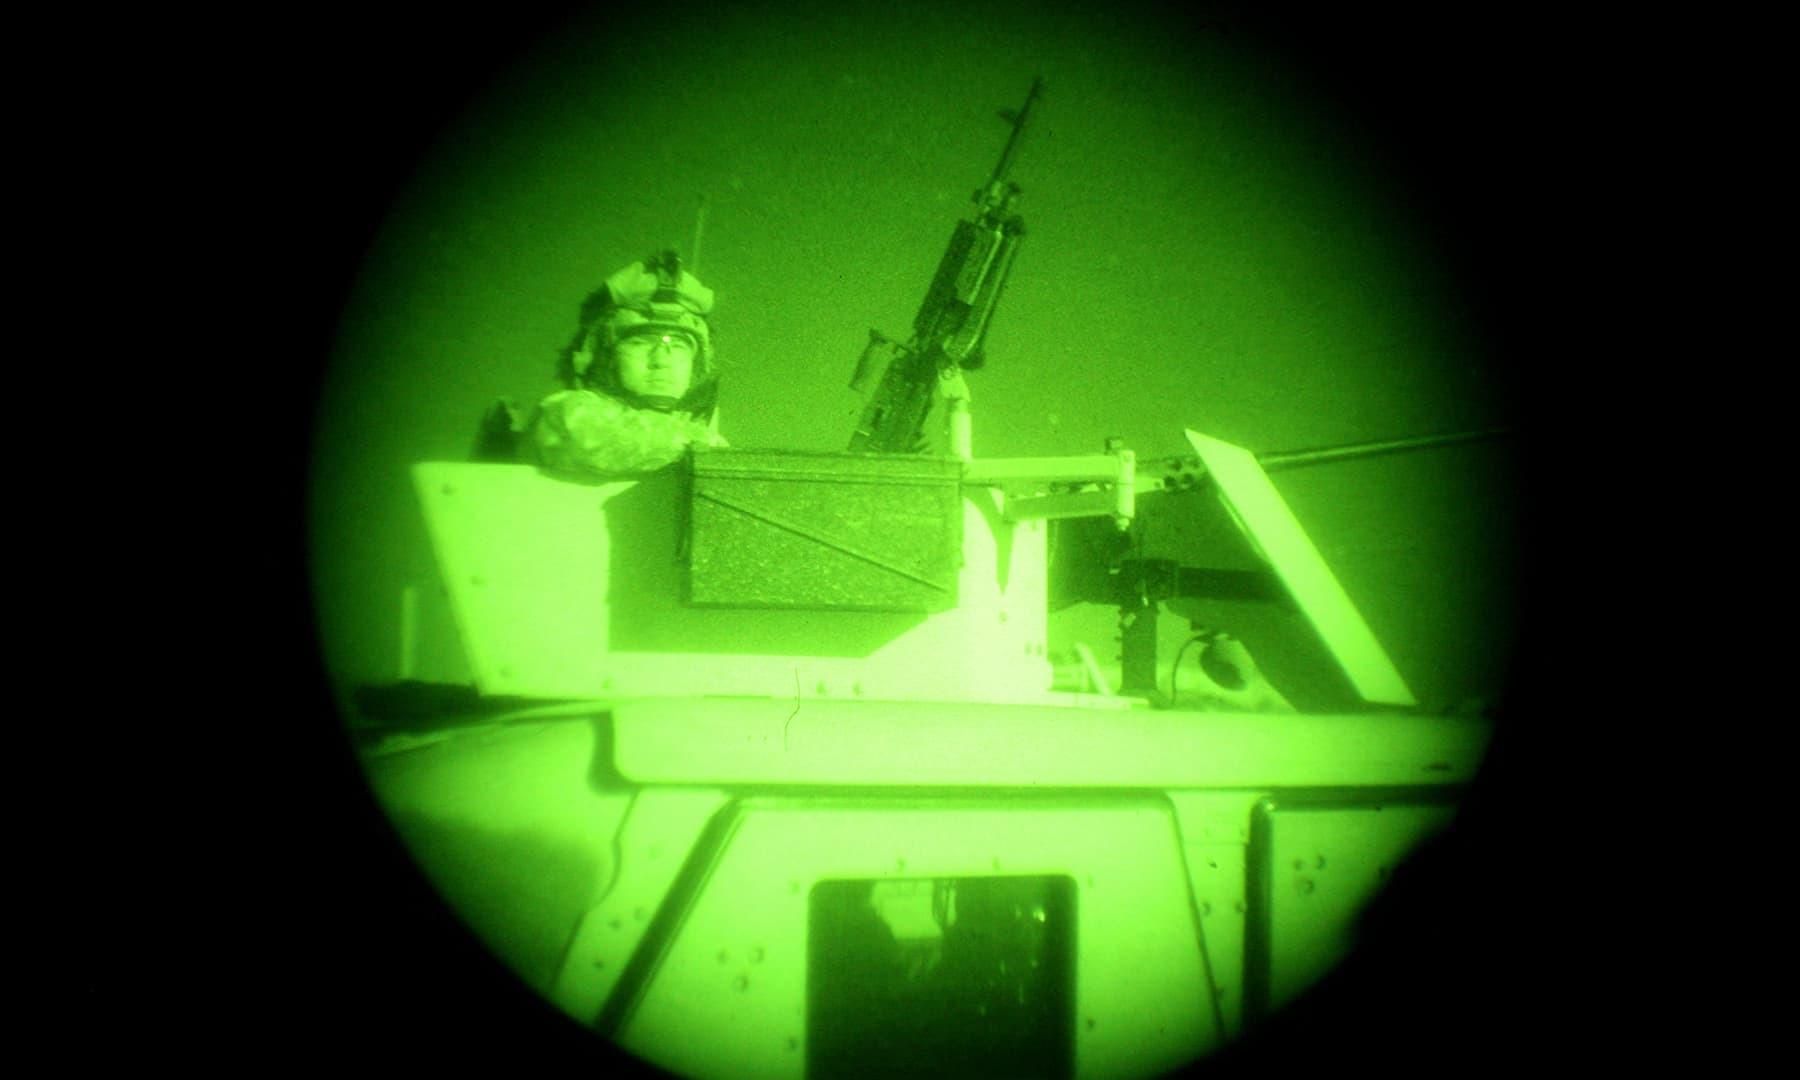 امریکی فوجیوں کی 5 دسمبر 2006 کو لی گئی تصویر میں نائٹ وژن اسکوپ کے ذریعے پکتیا کے علاقے خوست کے قریب ایک کمپاونڈ کی تلاش کا منظر دکھایا گیا ہے—فائل/فوٹو: اے ایف پی